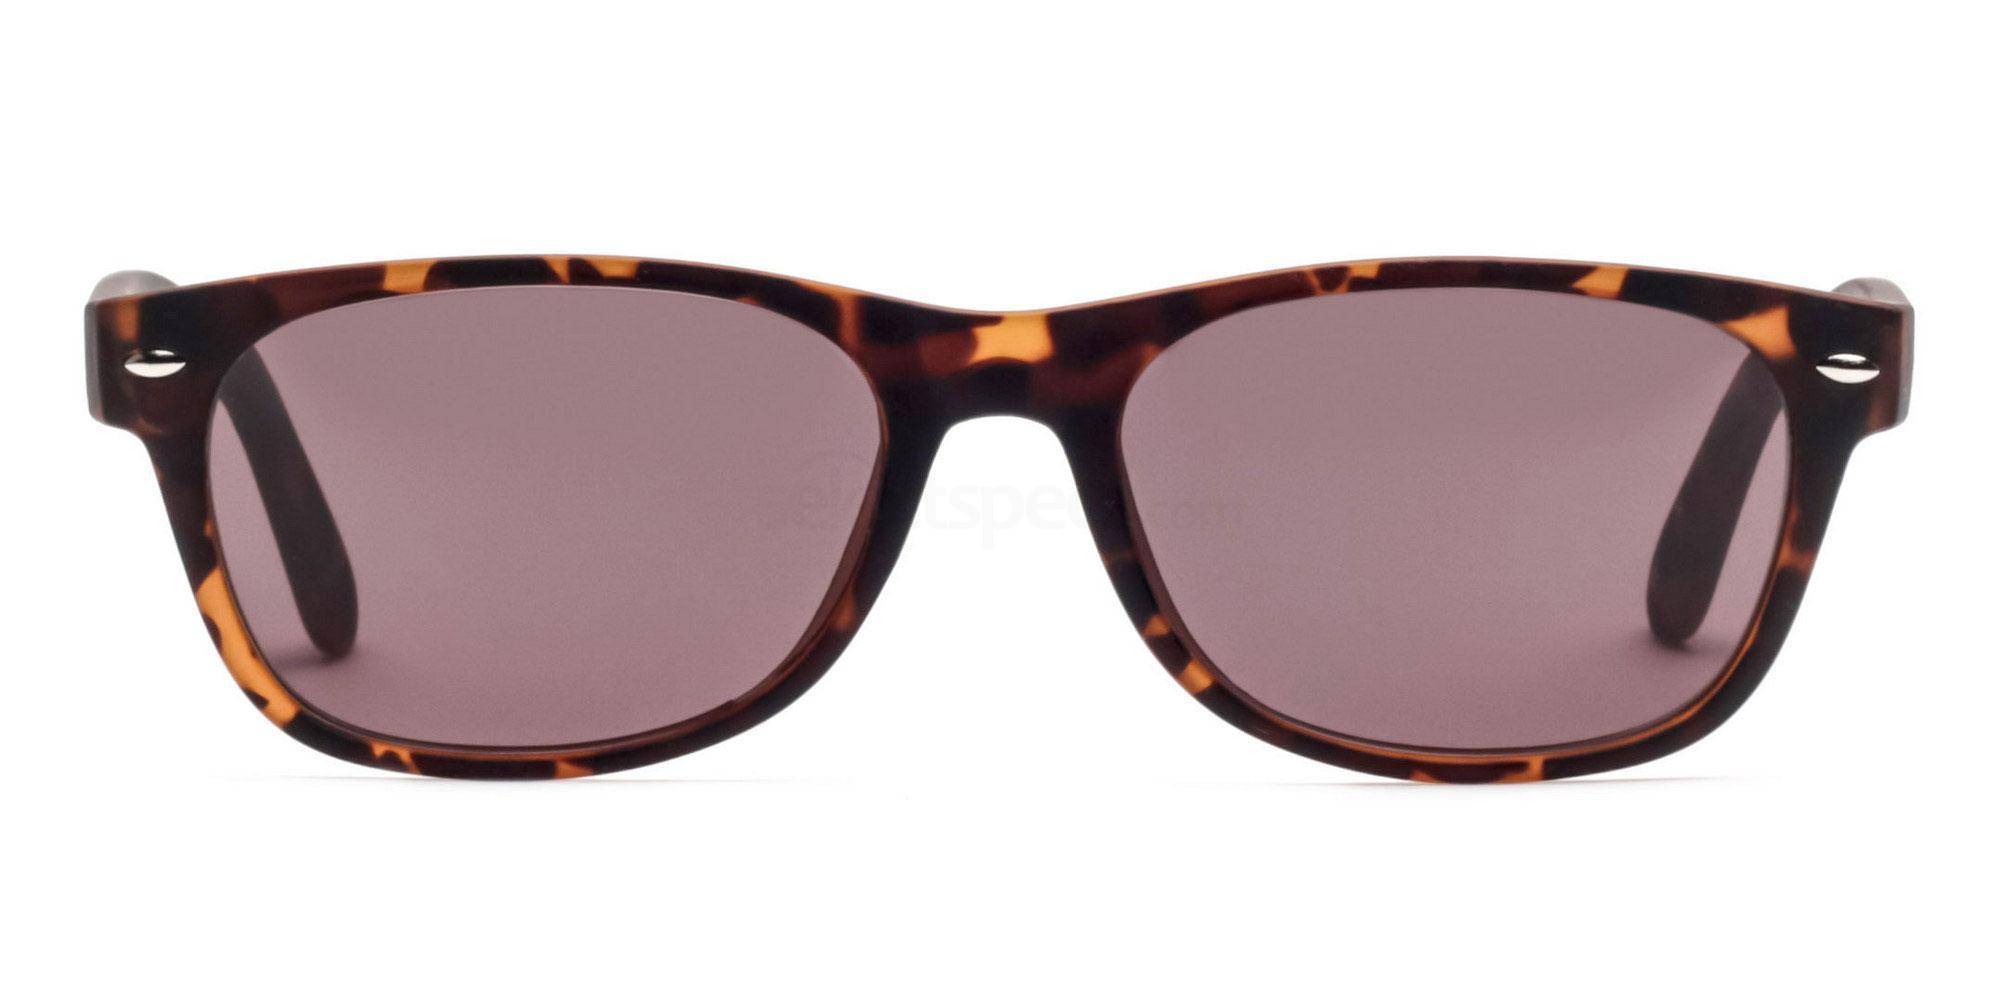 Tortoise S8122 - Tortoise (Sunglasses) Sunglasses, Savannah